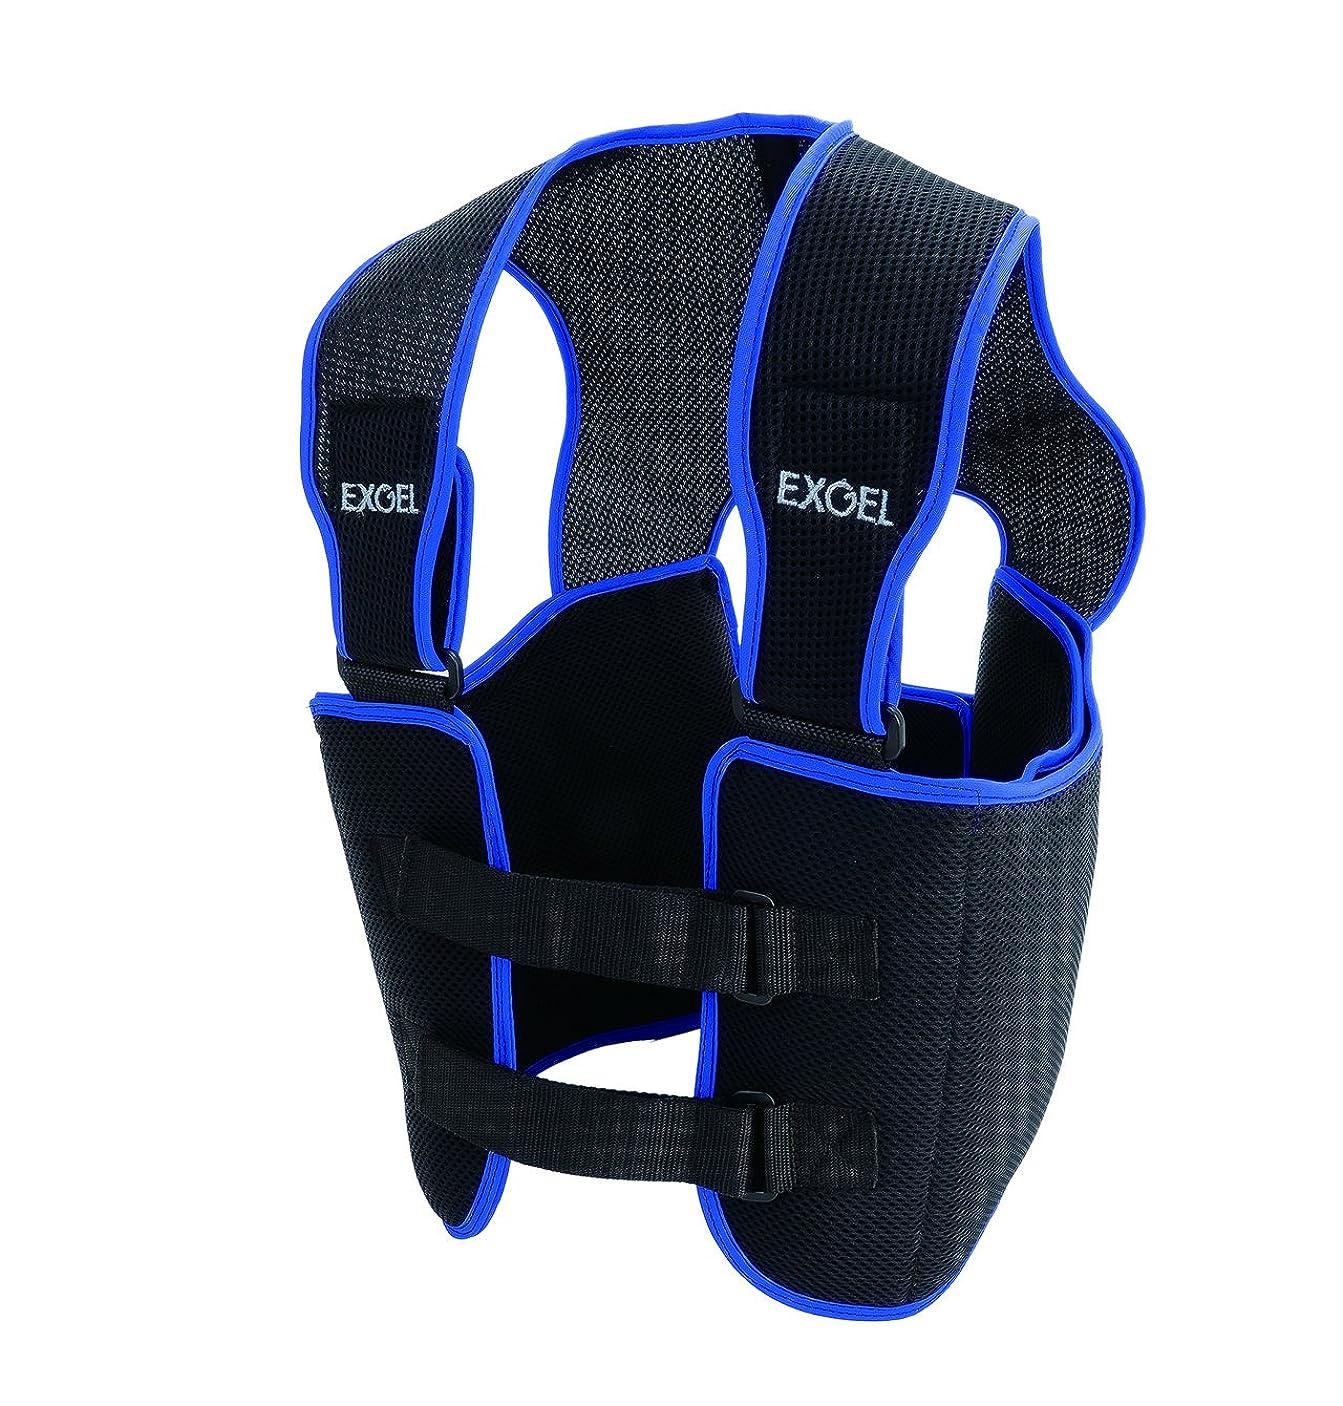 肩をすくめる継続中不変エクスジェル (EXGEL) リブプロテクター ベスト 17 Mサイズ AKK22M-BK